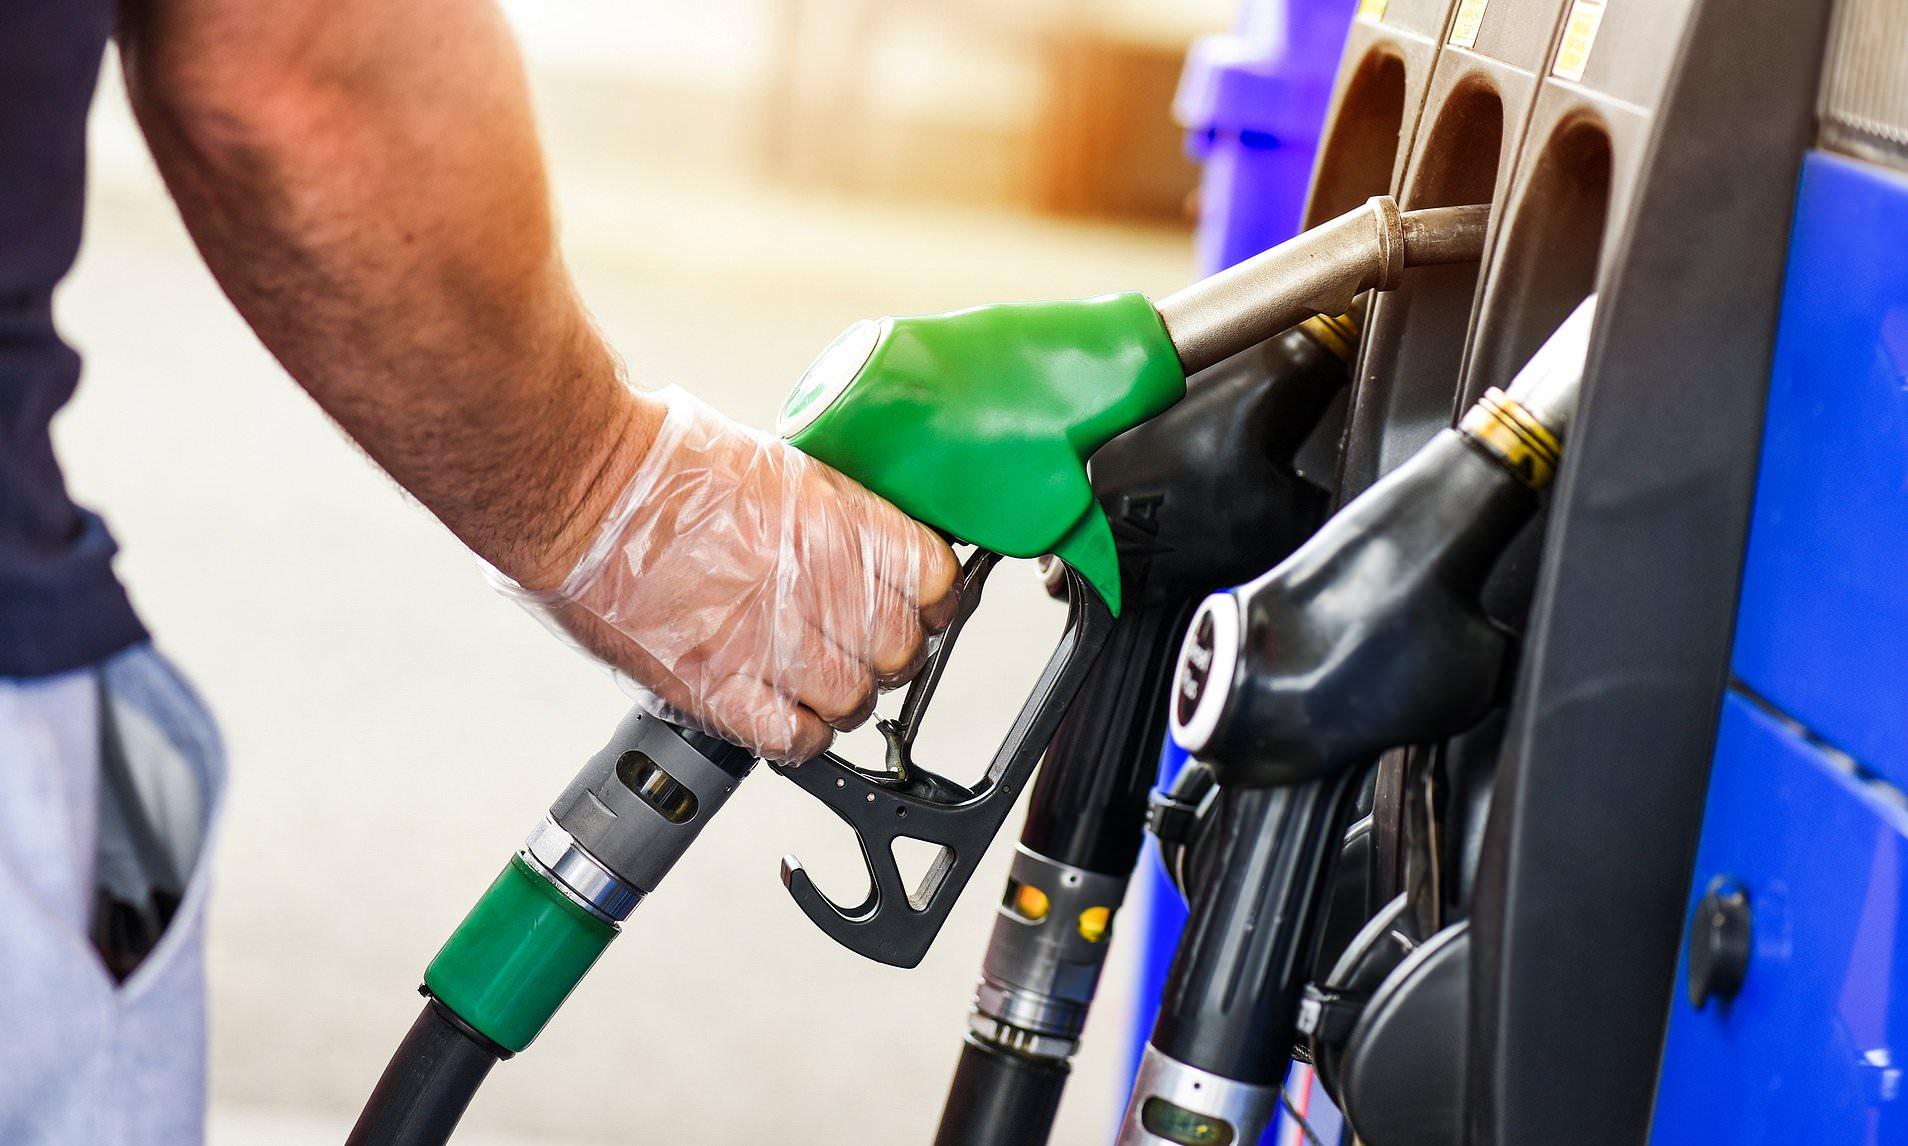 Giá xăng dầu hôm nay 09/8: Giảm thêm hơn 1%, dầu Brent mất ngưỡng 70 USD/thùng